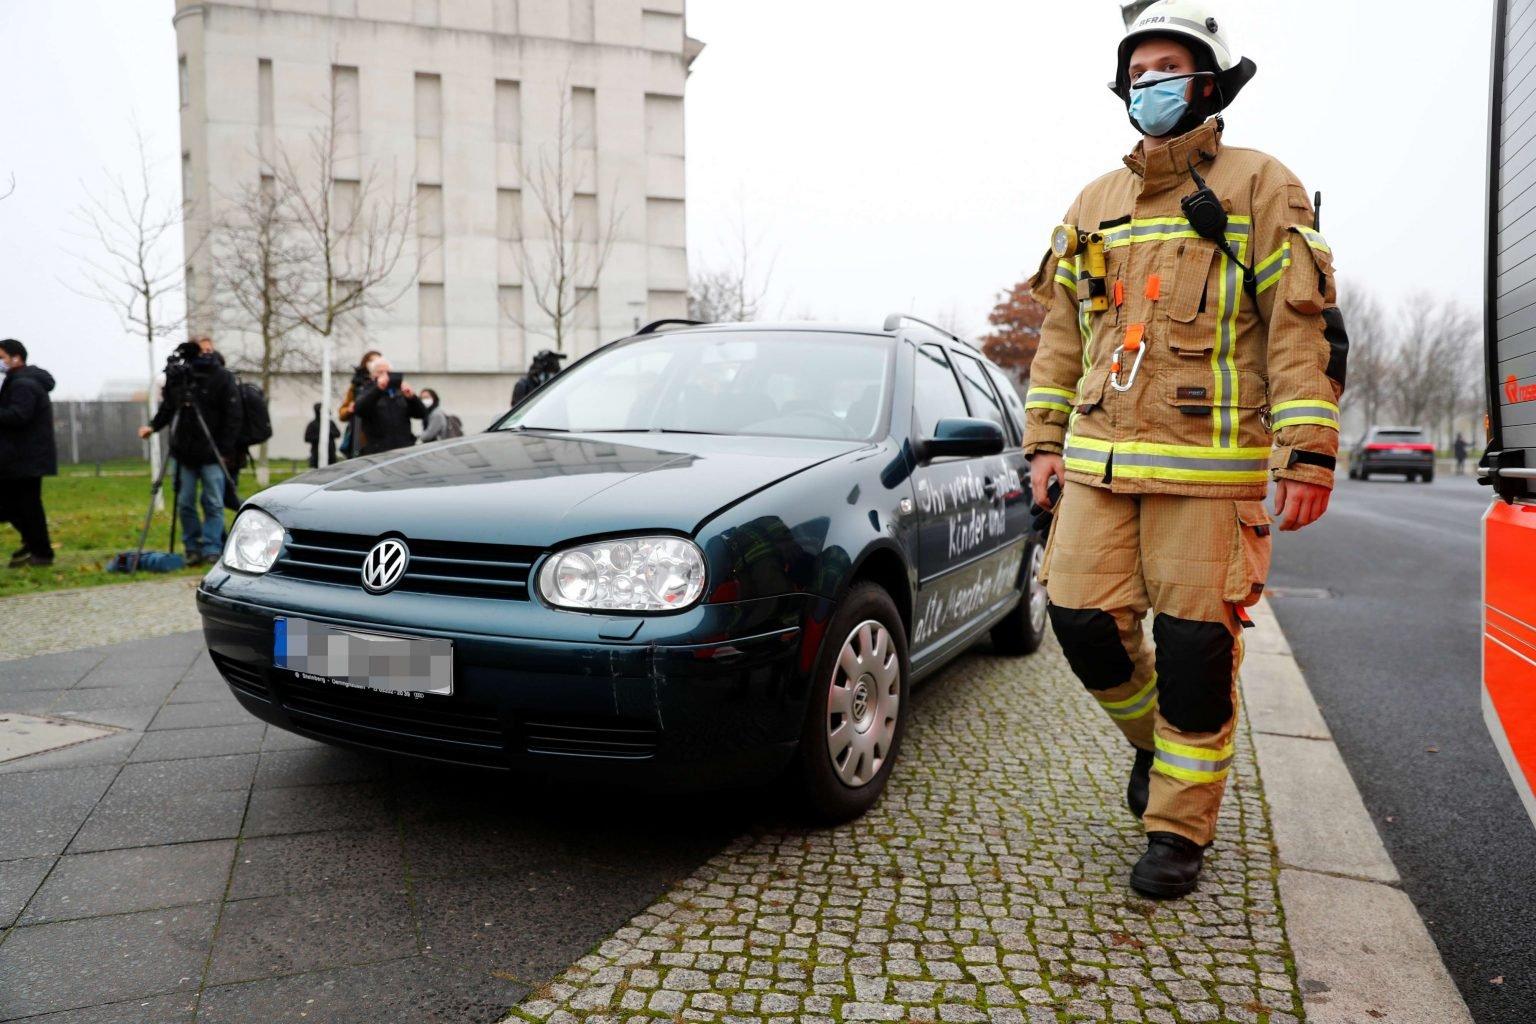 صورة صور.. سيارة تقتحم بوابة ديوان المستشارية الألمانية في برلين